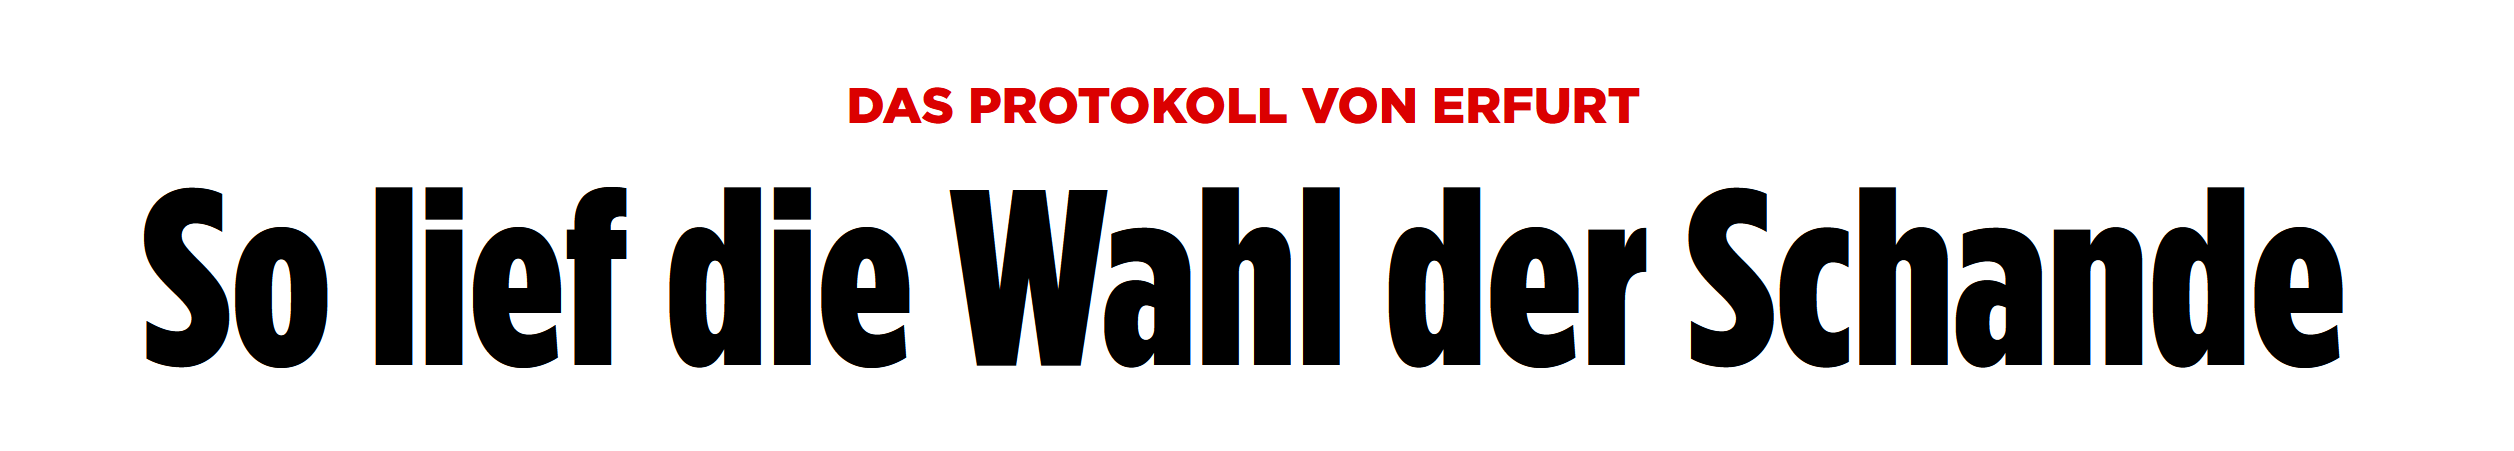 """BILD: """"Das Protokoll von Erfurt: So lief die Wahl der Schande"""""""